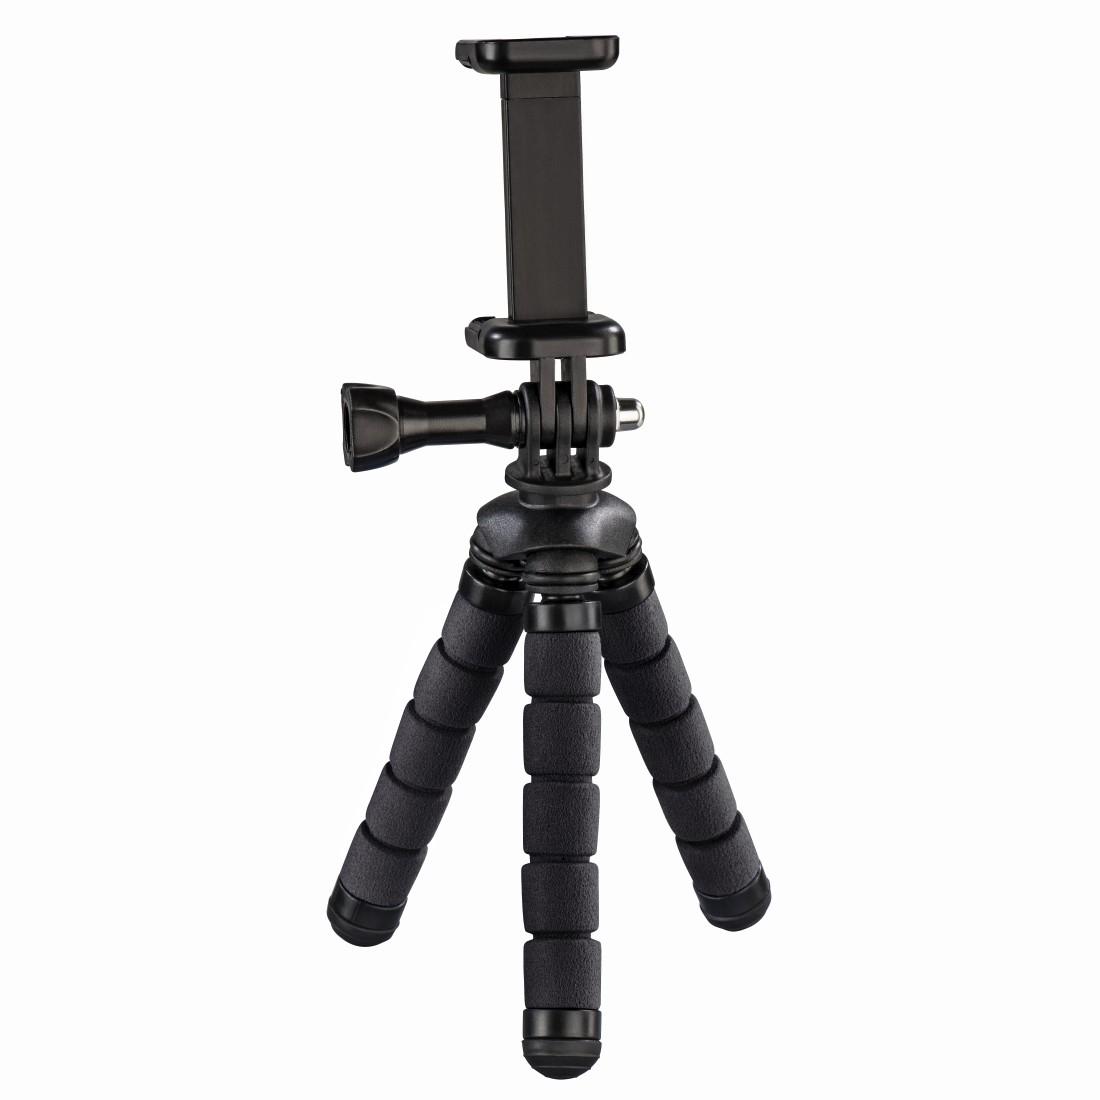 HAMA Flex Mini-Tripod for Smartphone and GoPro 14 cm black